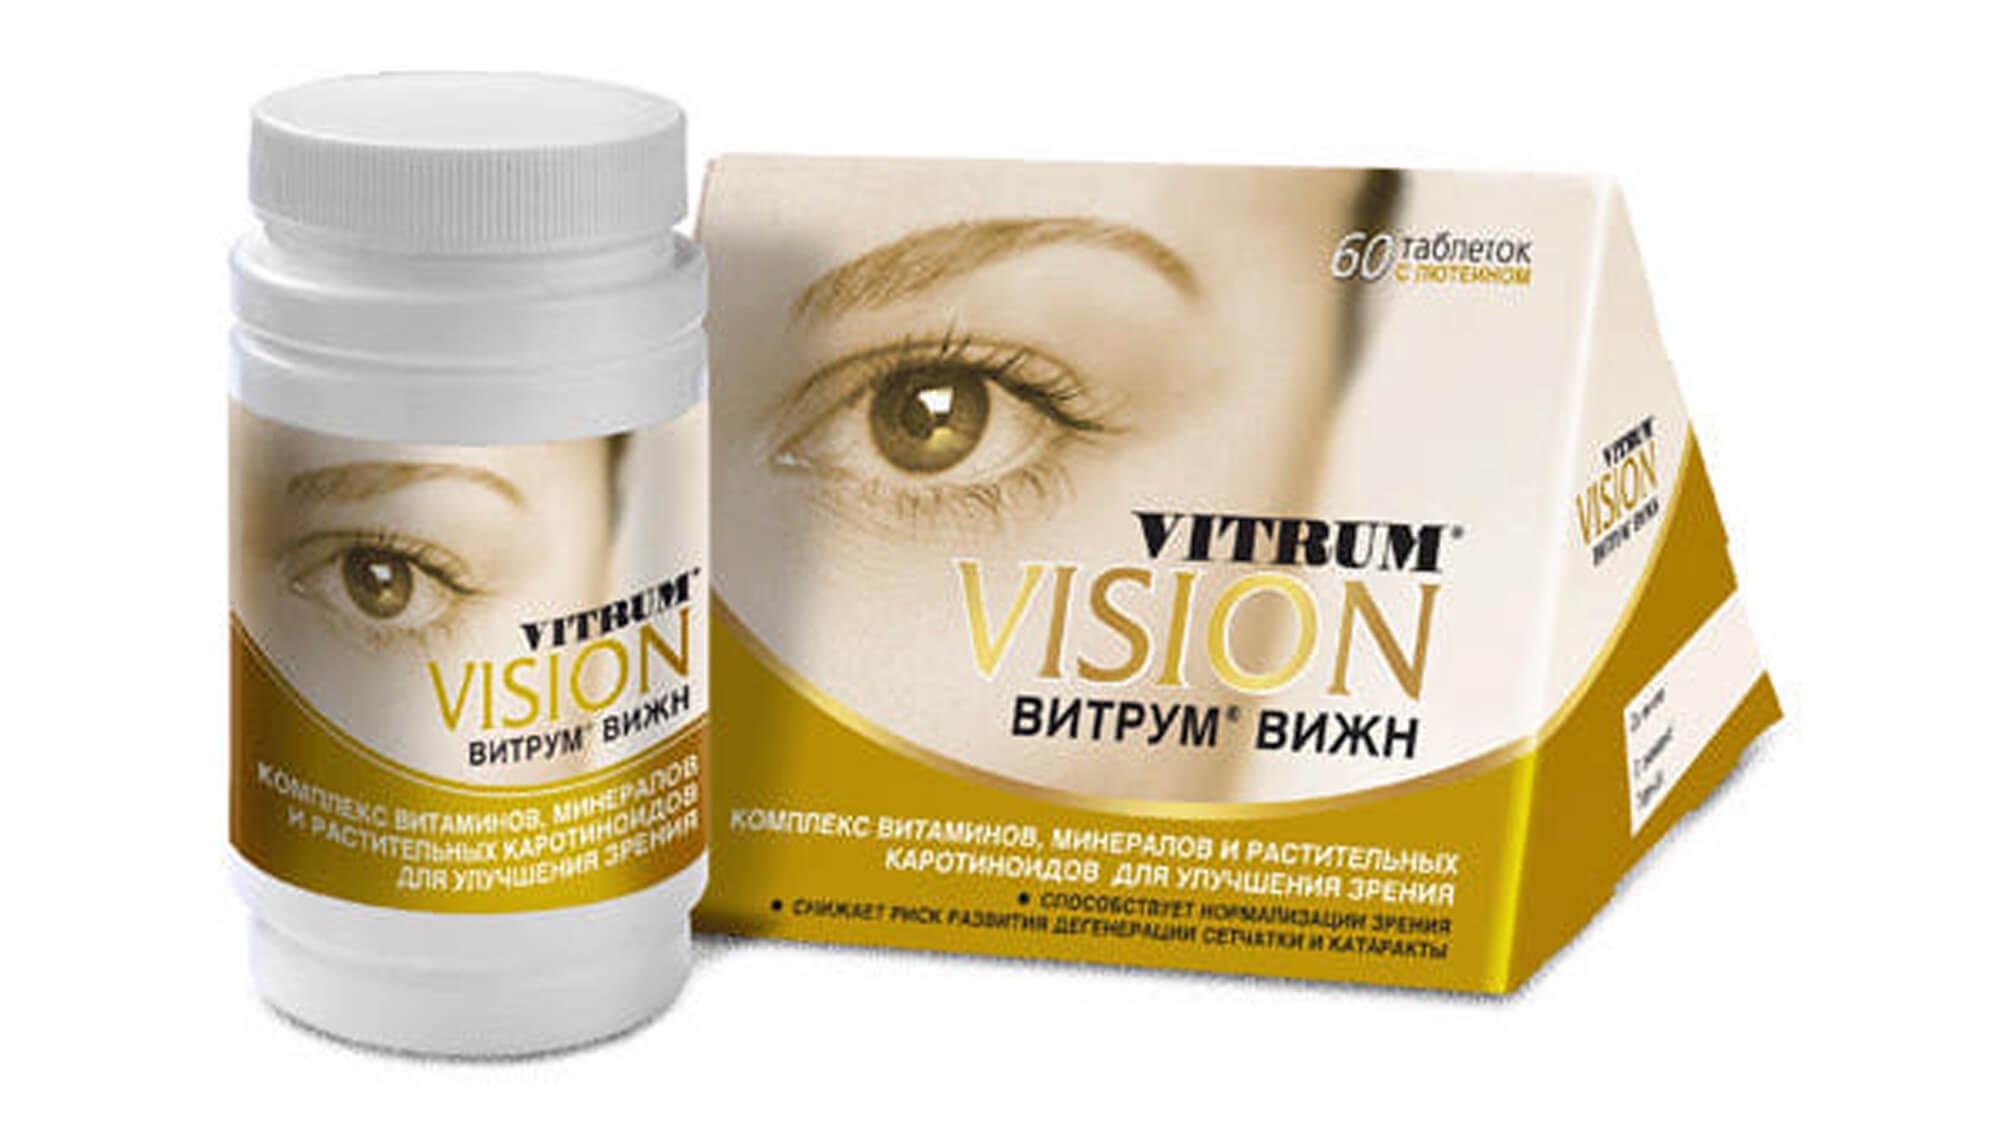 Витамины для глаз витрум вижн, подробная информация о препарате, его лечебном действии